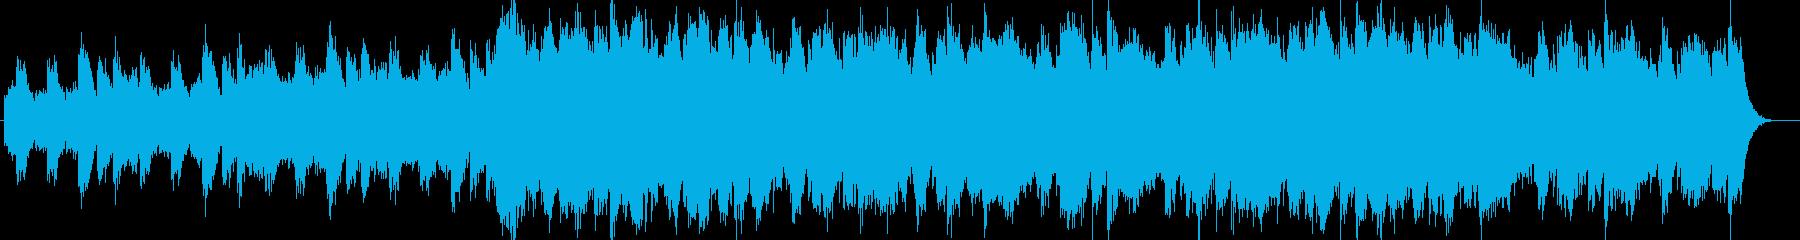 切なく悲しいストリングスの奏の再生済みの波形